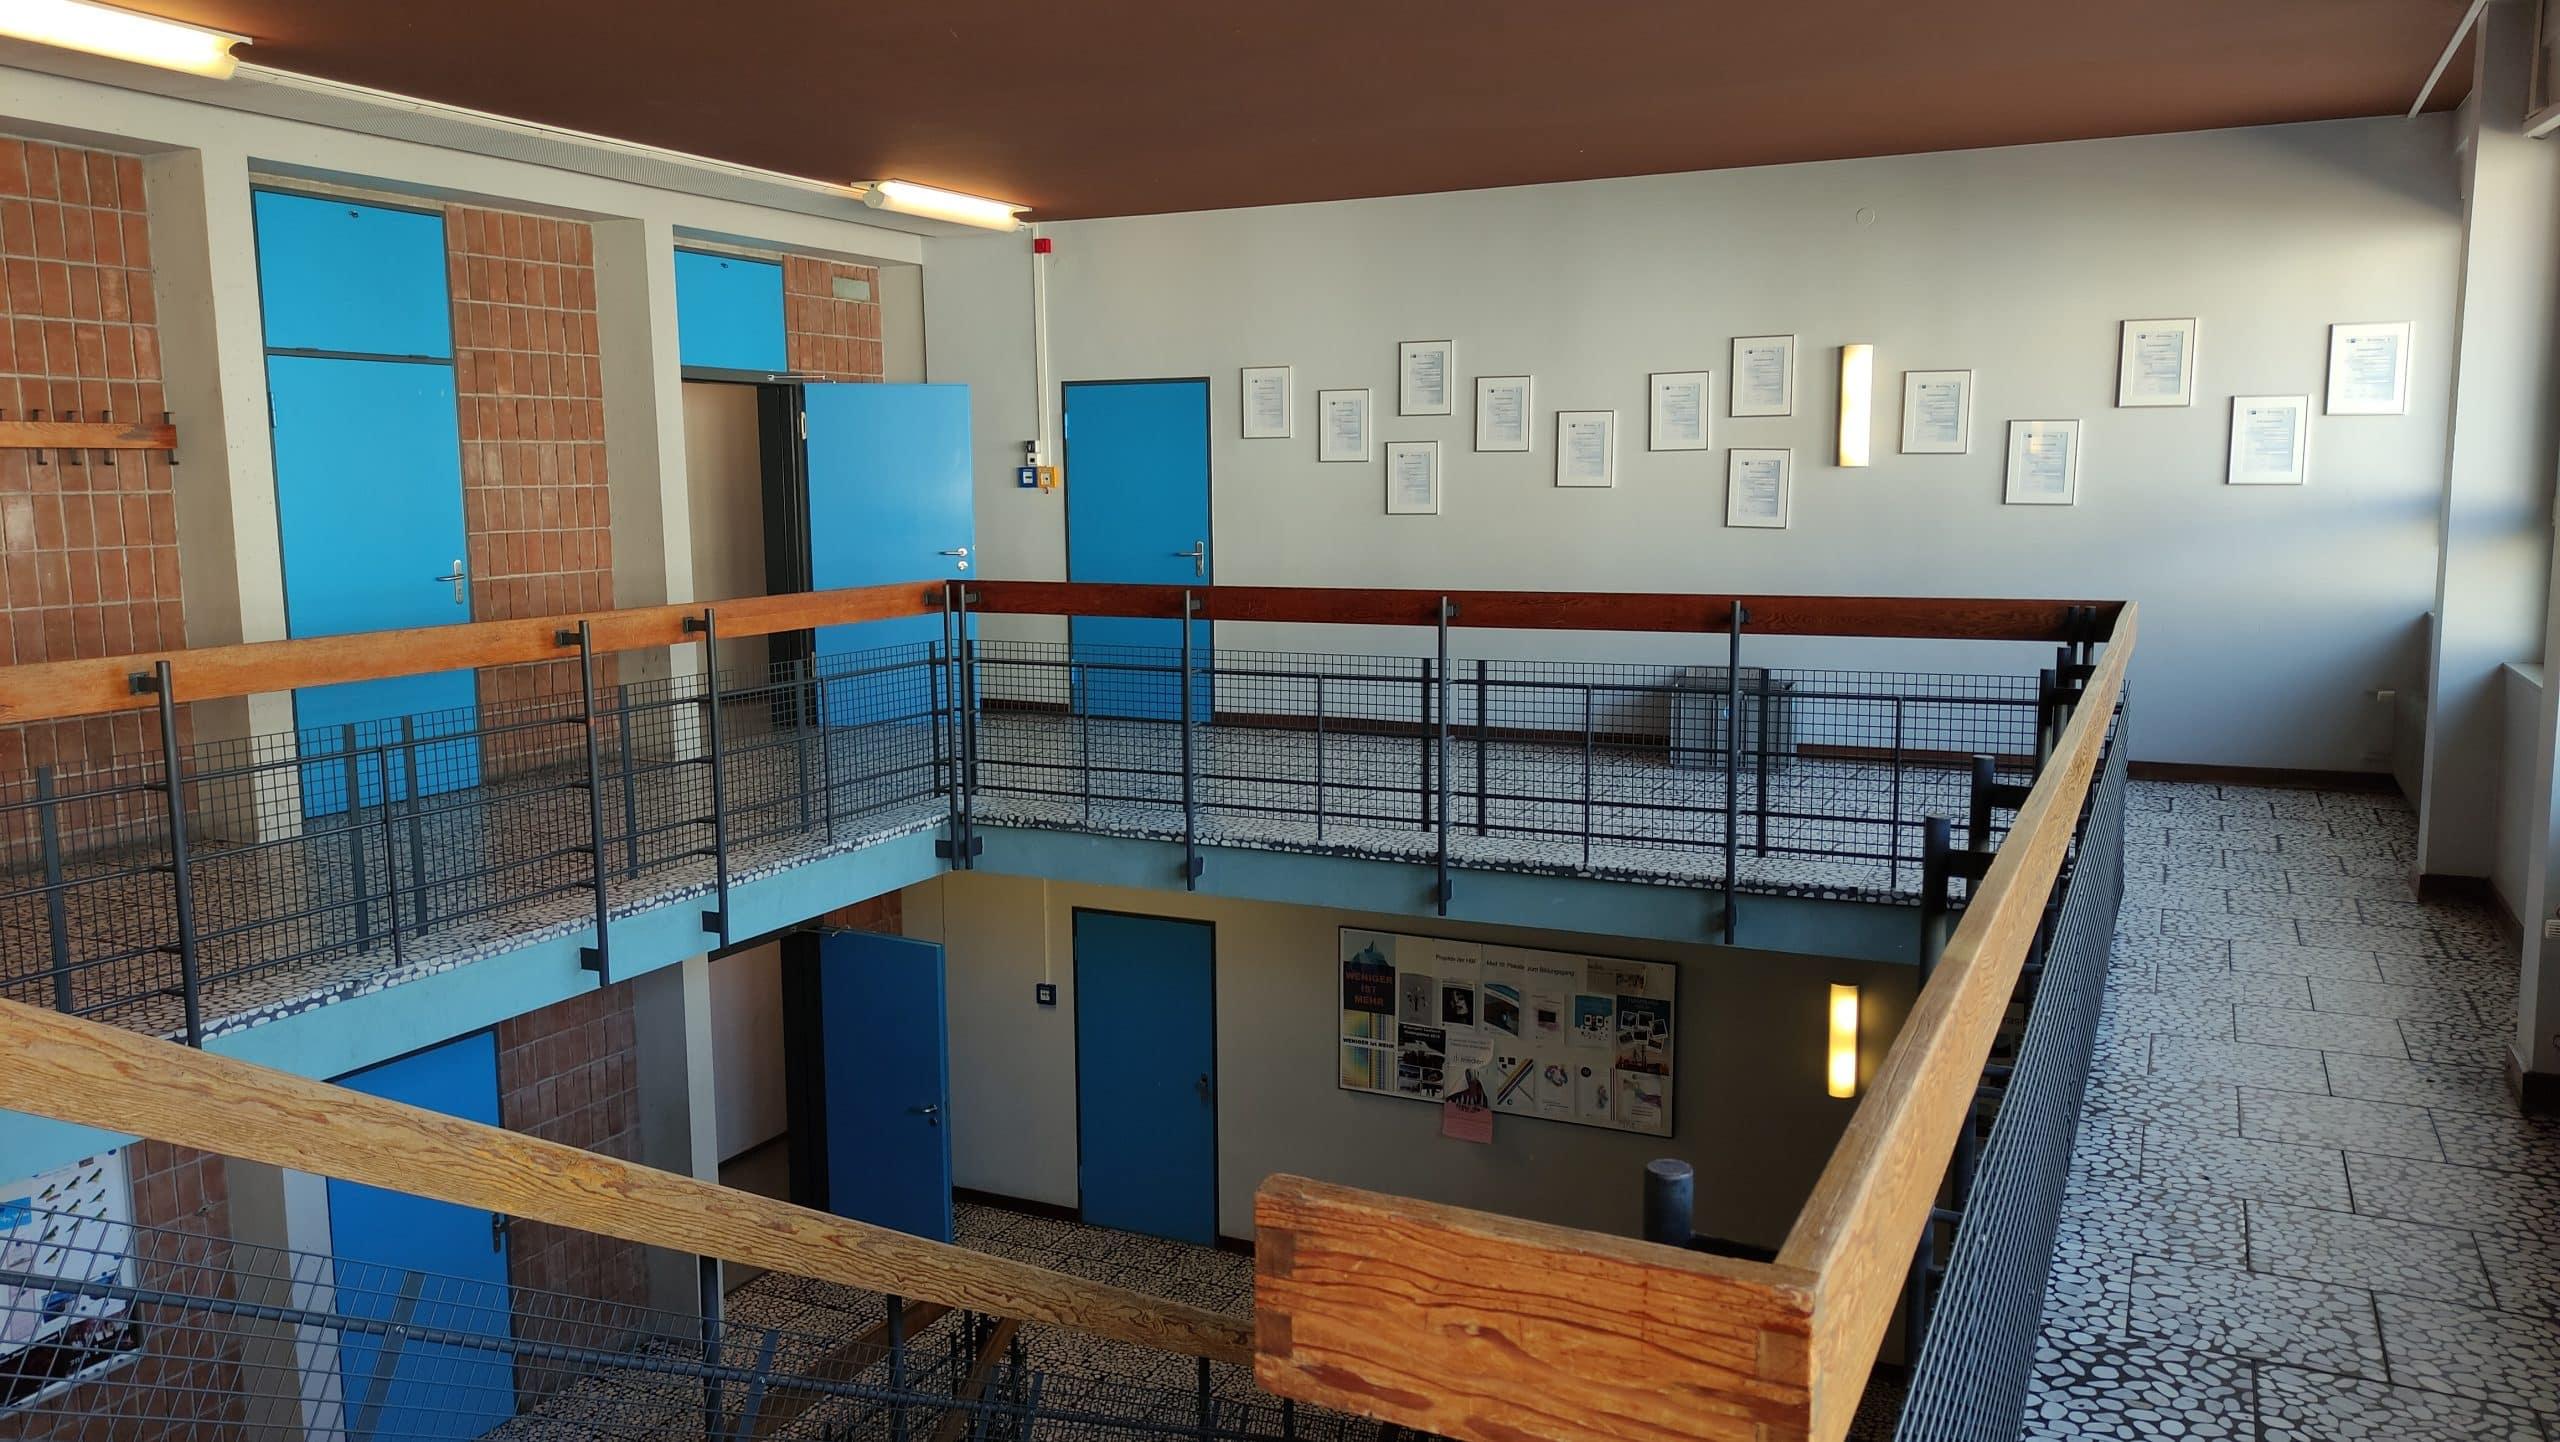 Dr. Zimmermannsche Wirtschaftsschule in Koblenz 2. Obergeschoss mit Sicht in das Treppenhaus